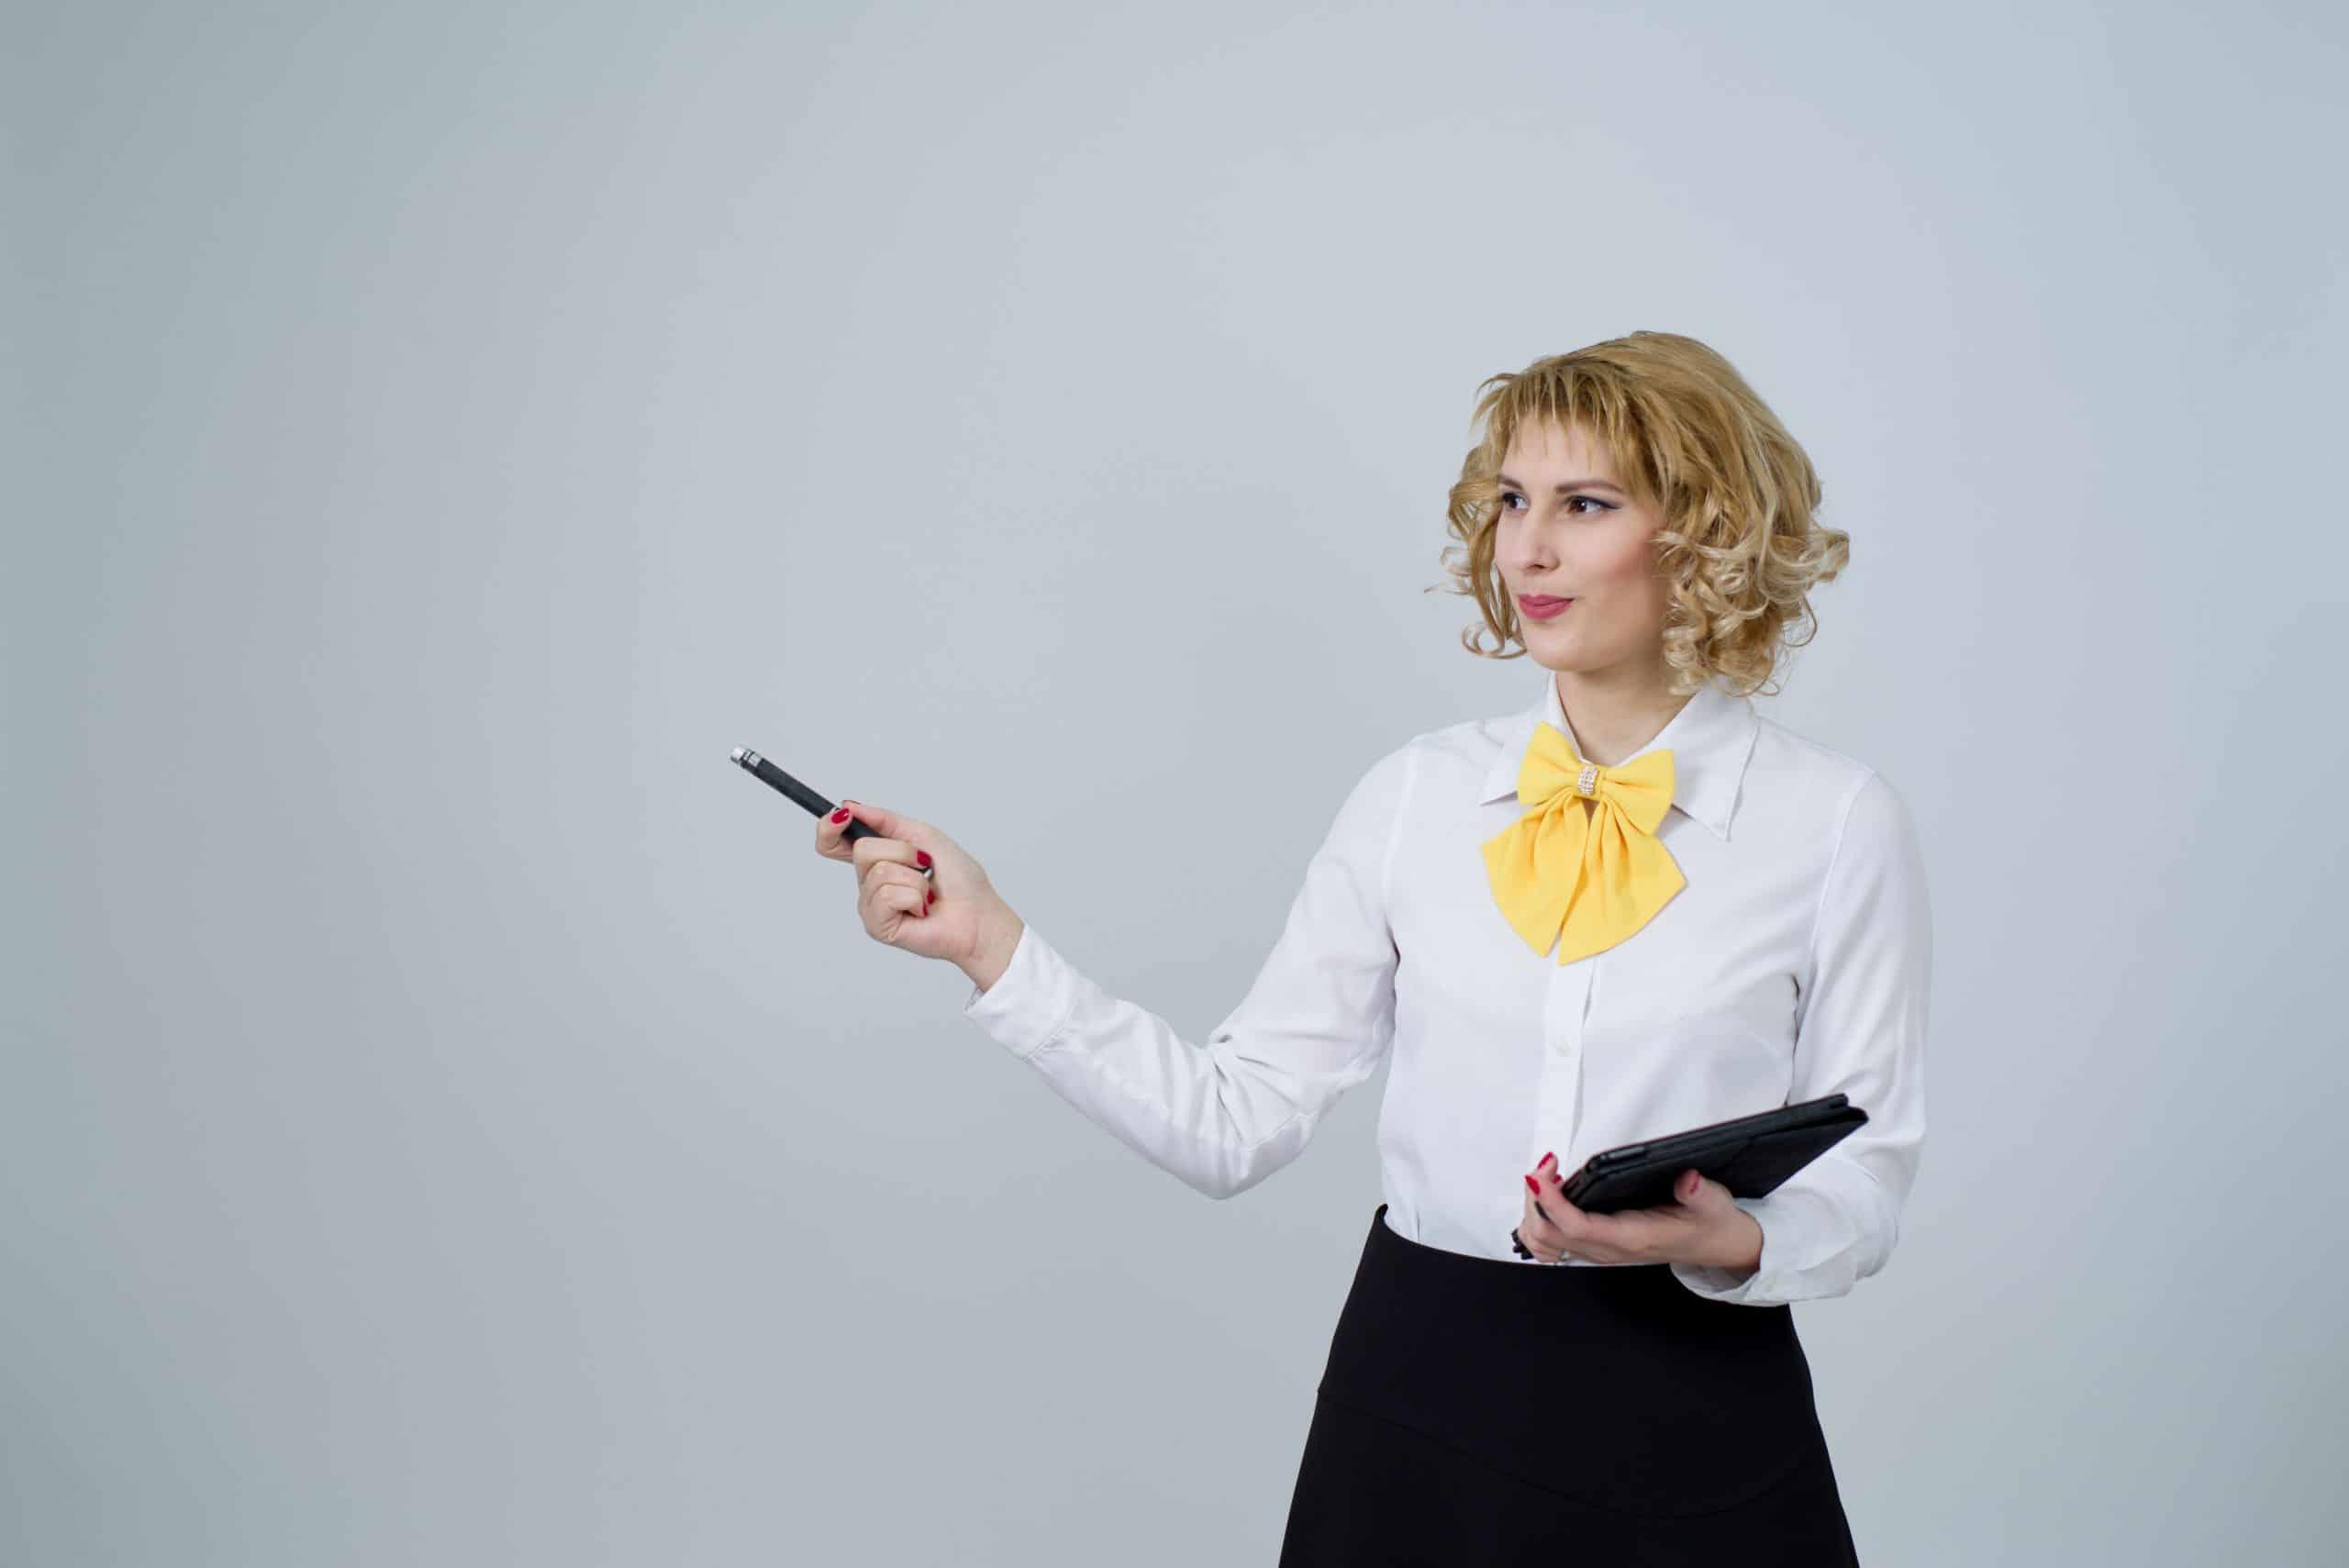 Mulher com caneta e Ipad na mão apresentando